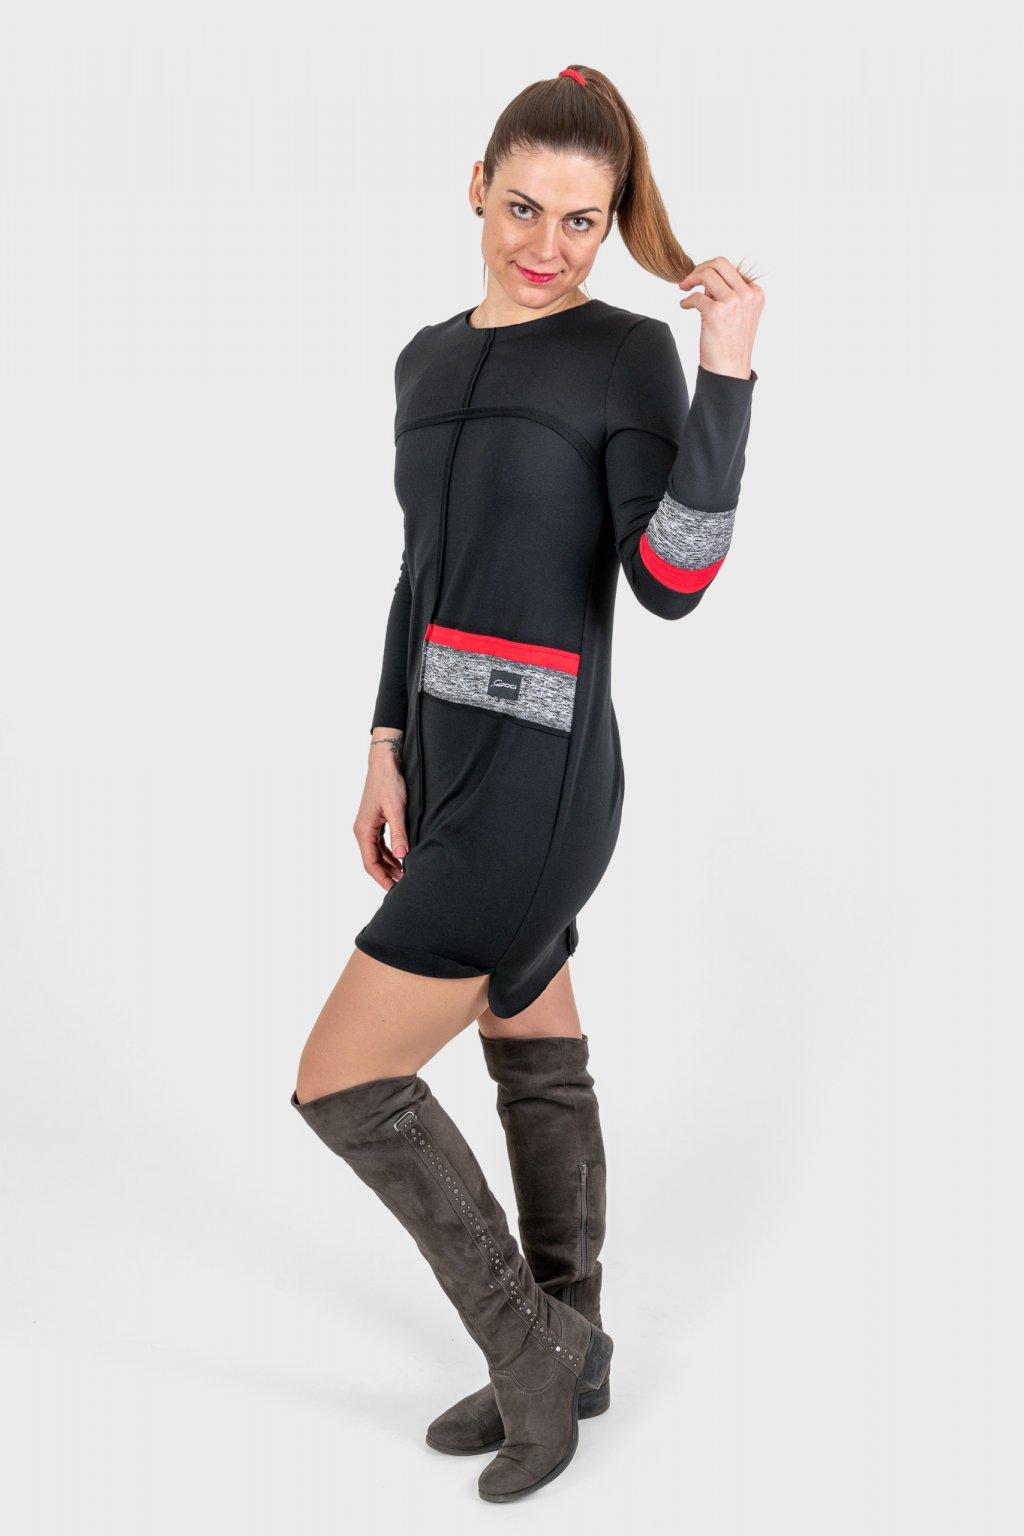 Dámské šaty clothes line black černé dlouhý rukáv zateplené Goci